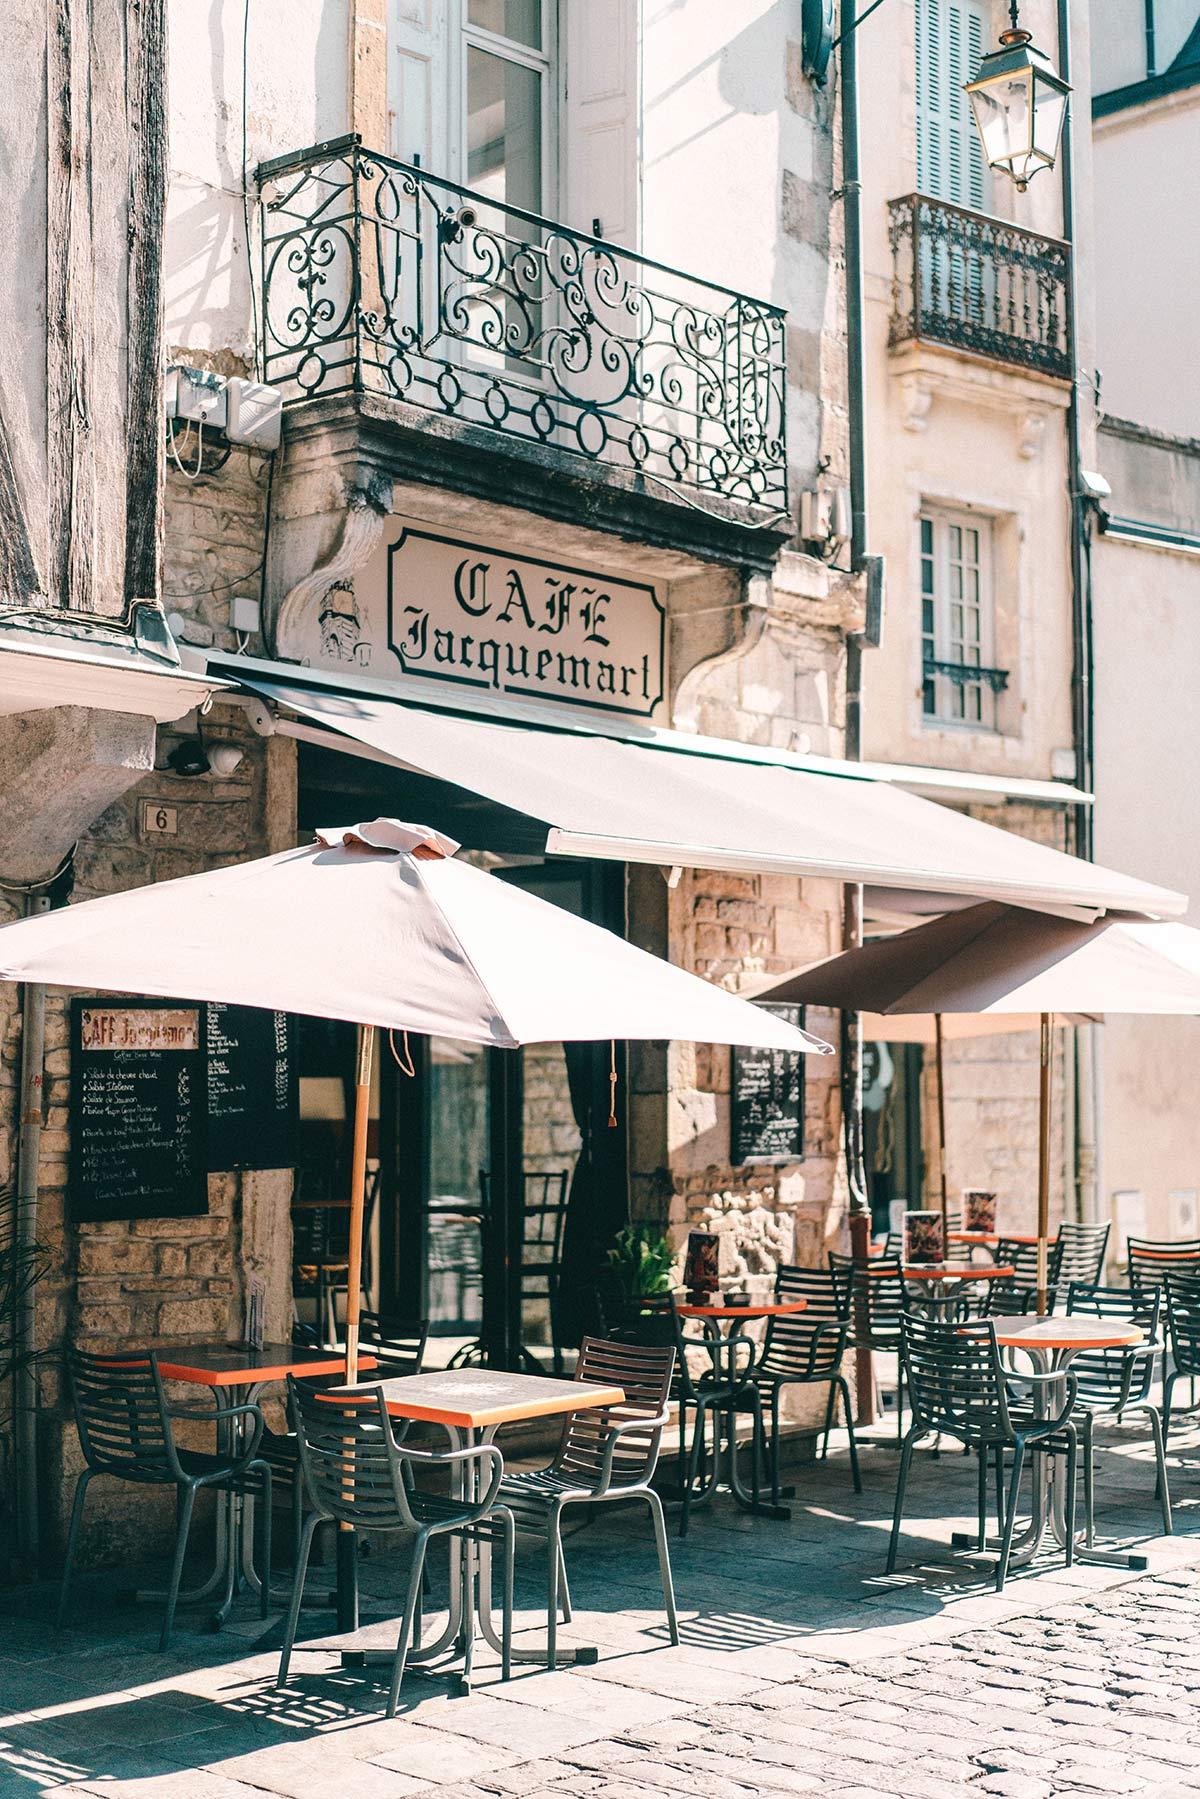 Café in Dijon